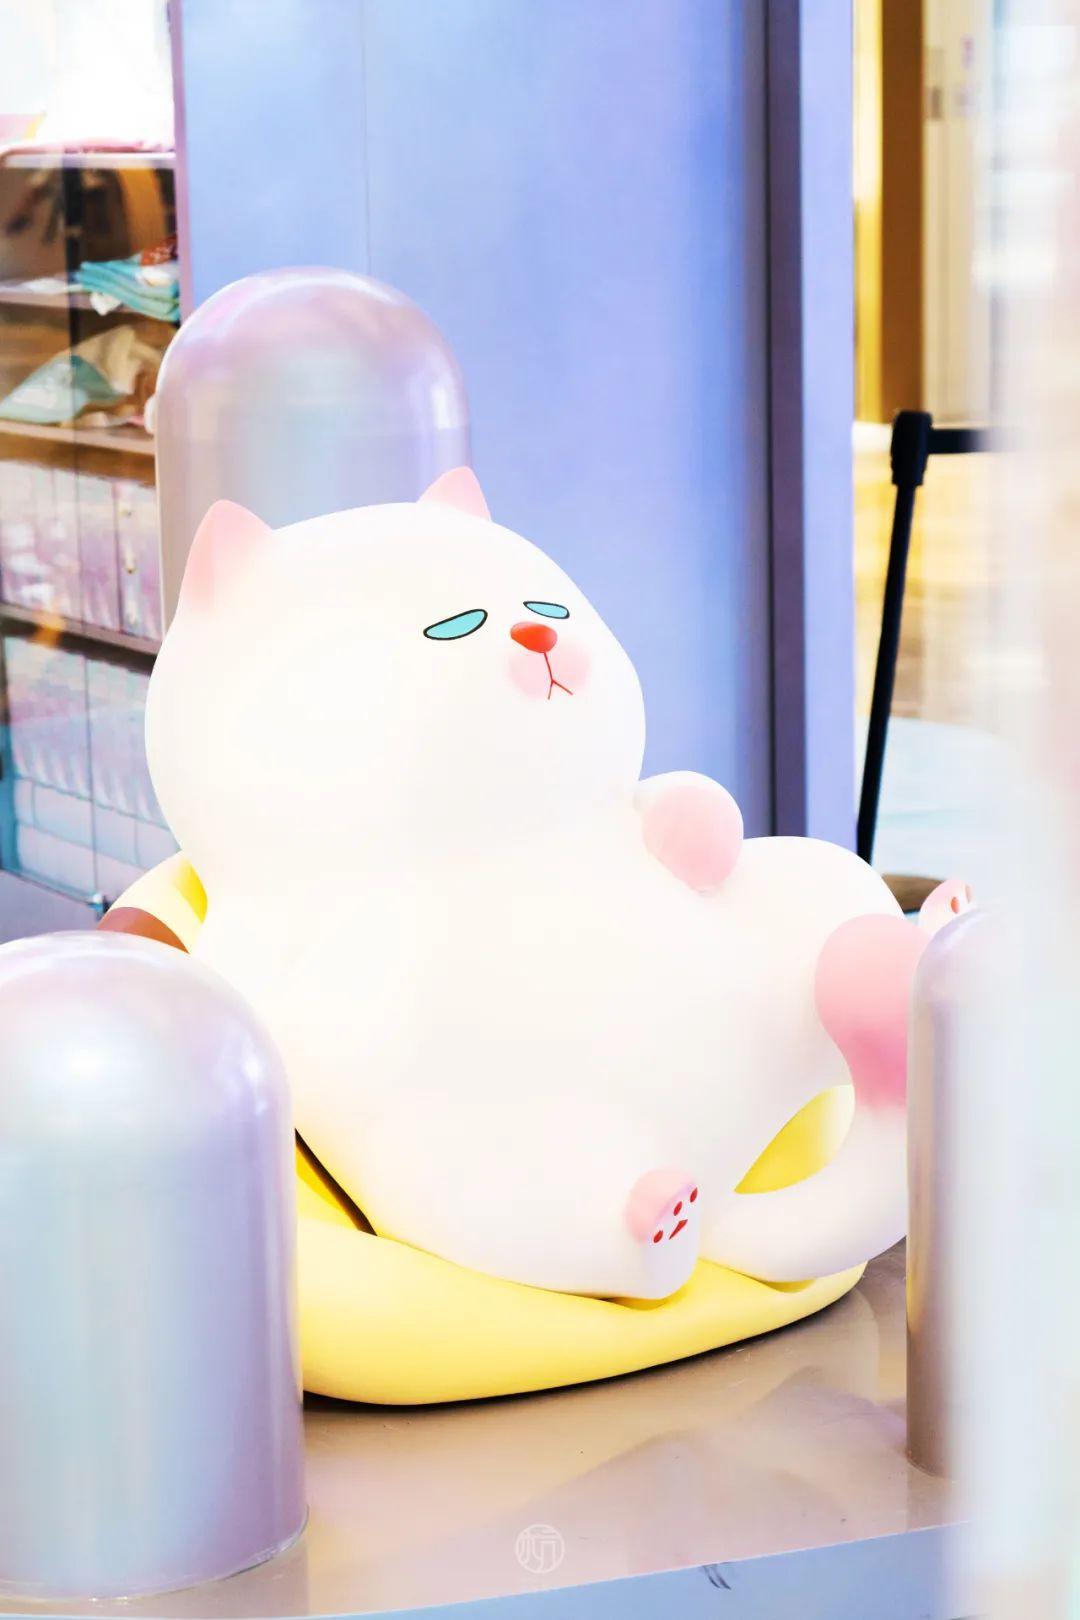 我的慵懒朋友ViViCat华东首展梦幻来袭!咪奥·潮玩集市趣味出摊!这个秋天,来福士陪你嗨!(图25)